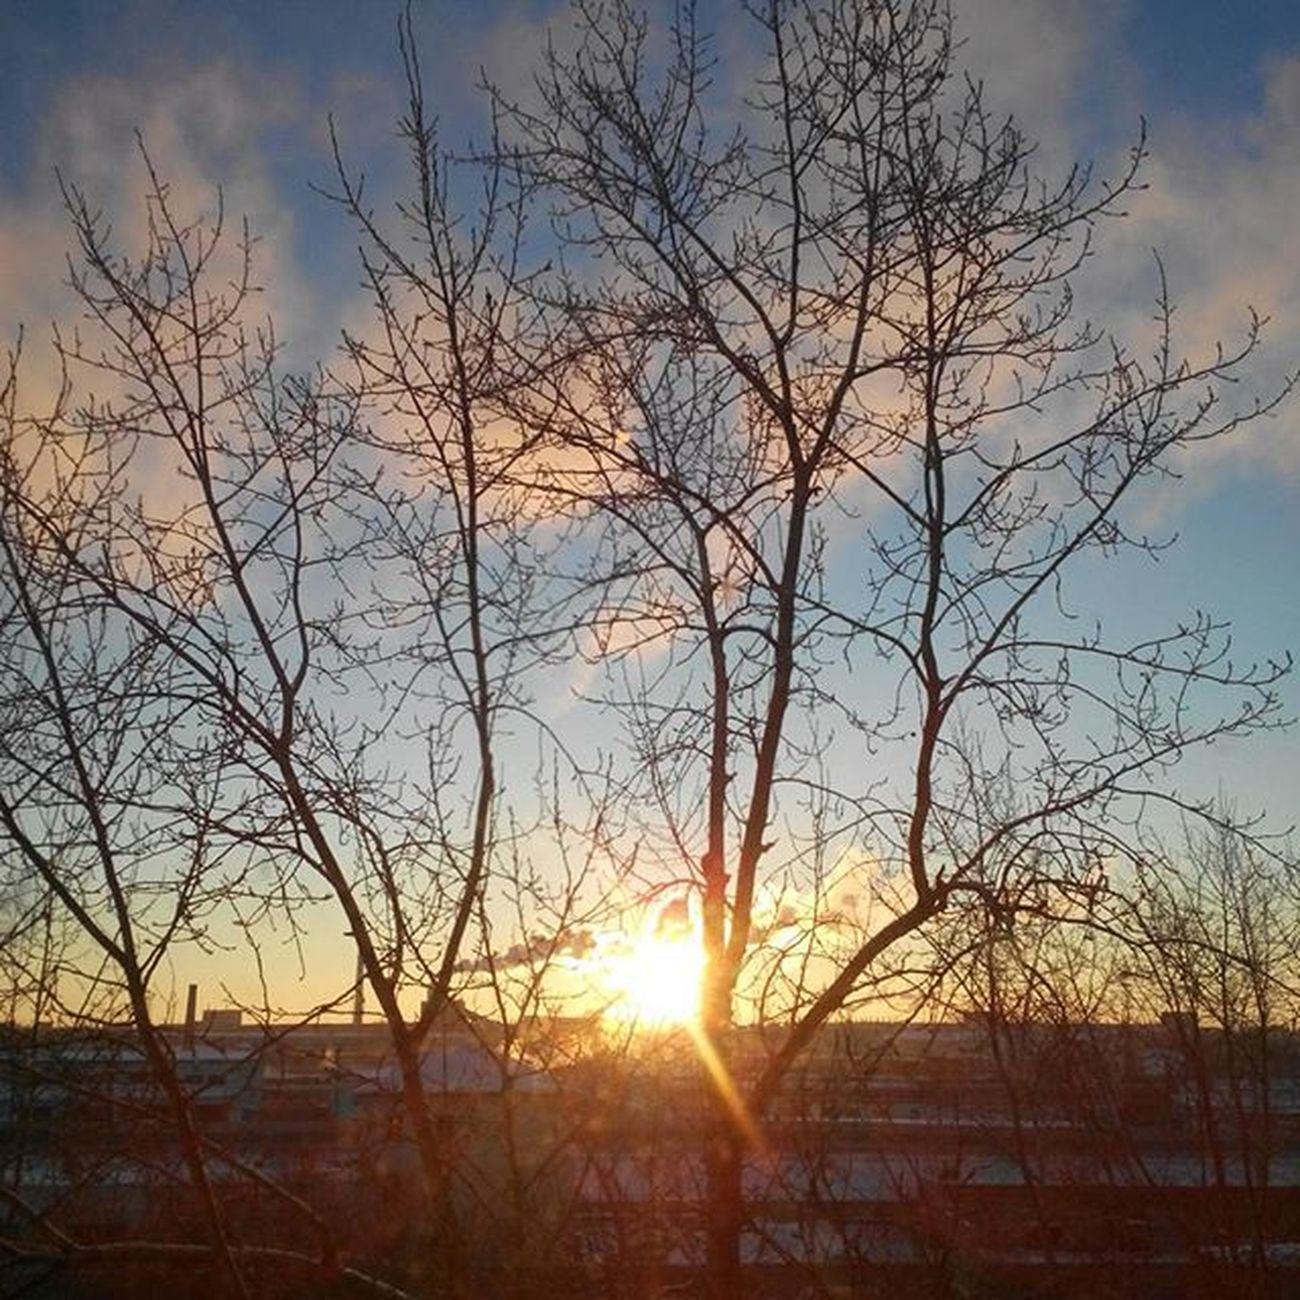 омск сибирь утро индустриальныйрассвет зима январь Морозисолнце безфильтров Omsk Siberia Industrialsunrise Winter Frost Frostandsun Nofilter